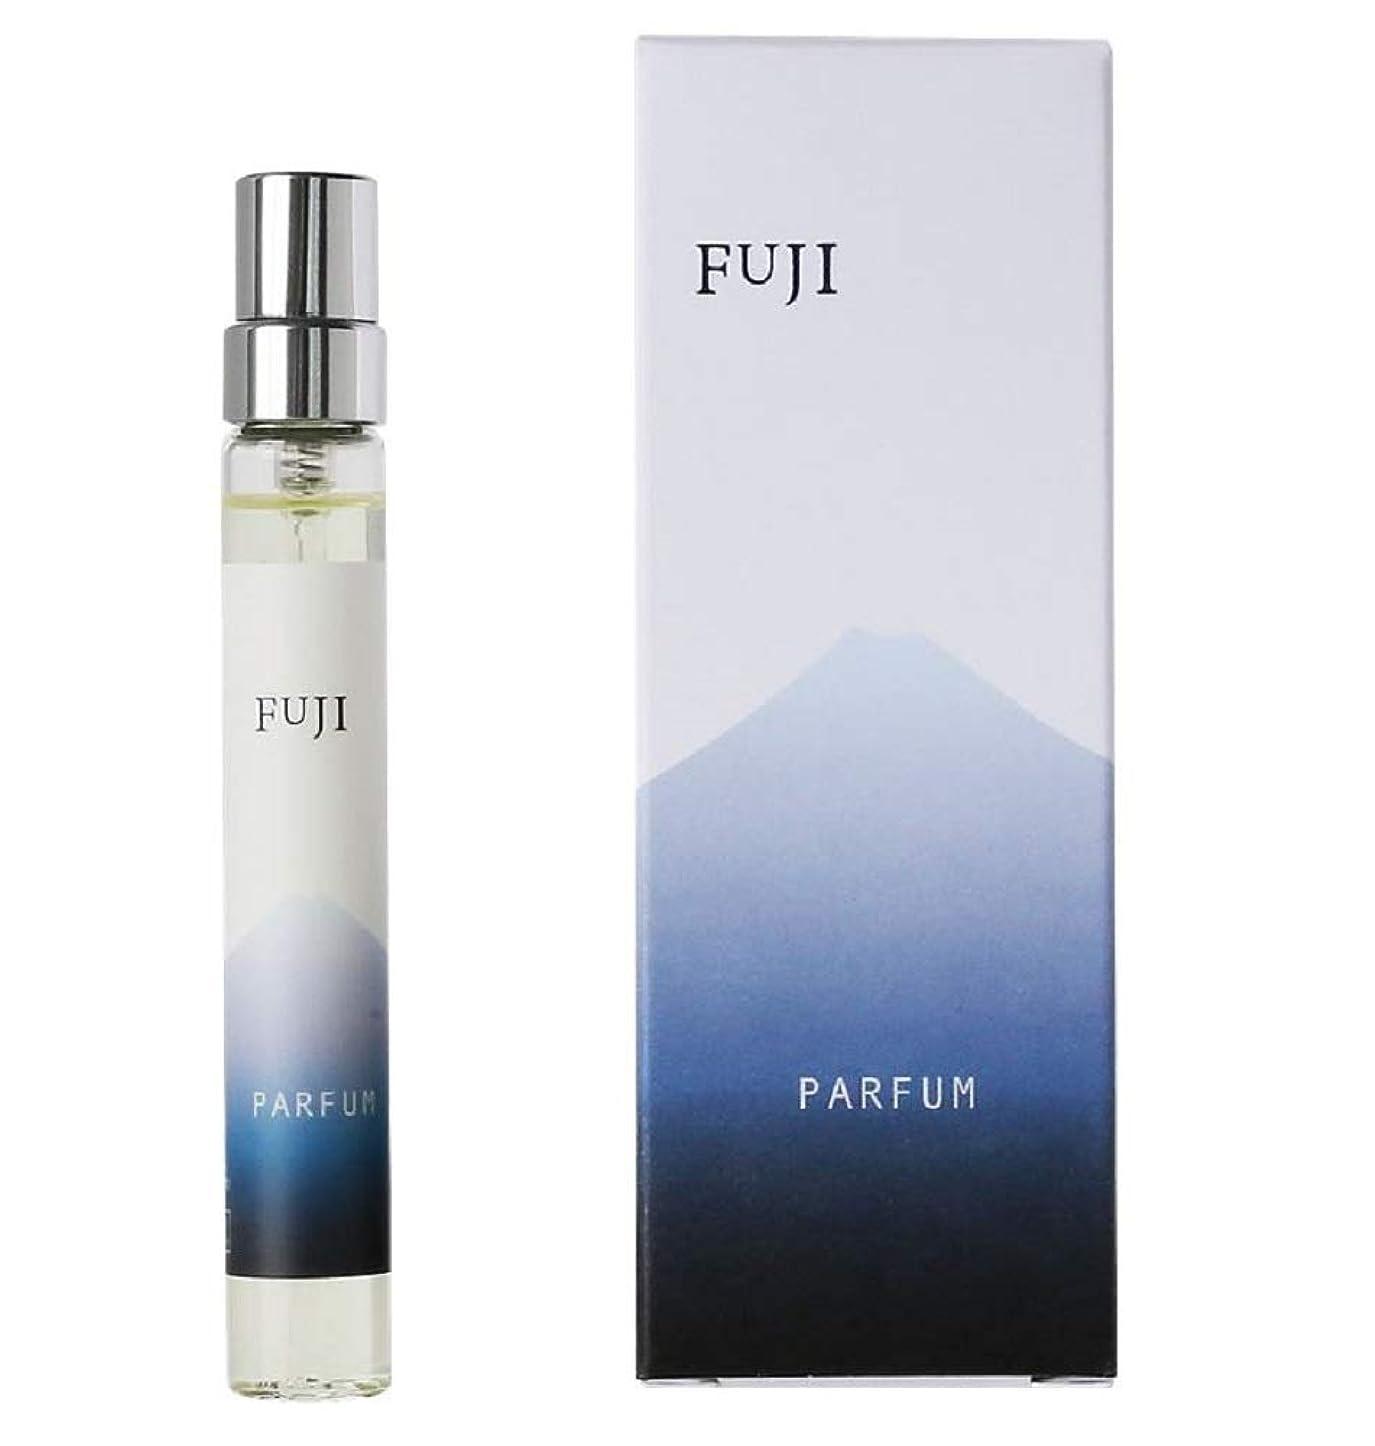 少数今除外するパルファム フジ parfum fuji 最高級 パルファン 1ダースセット(12本) 限定割引 & 送料無料 富士山 香水 海外みやげ